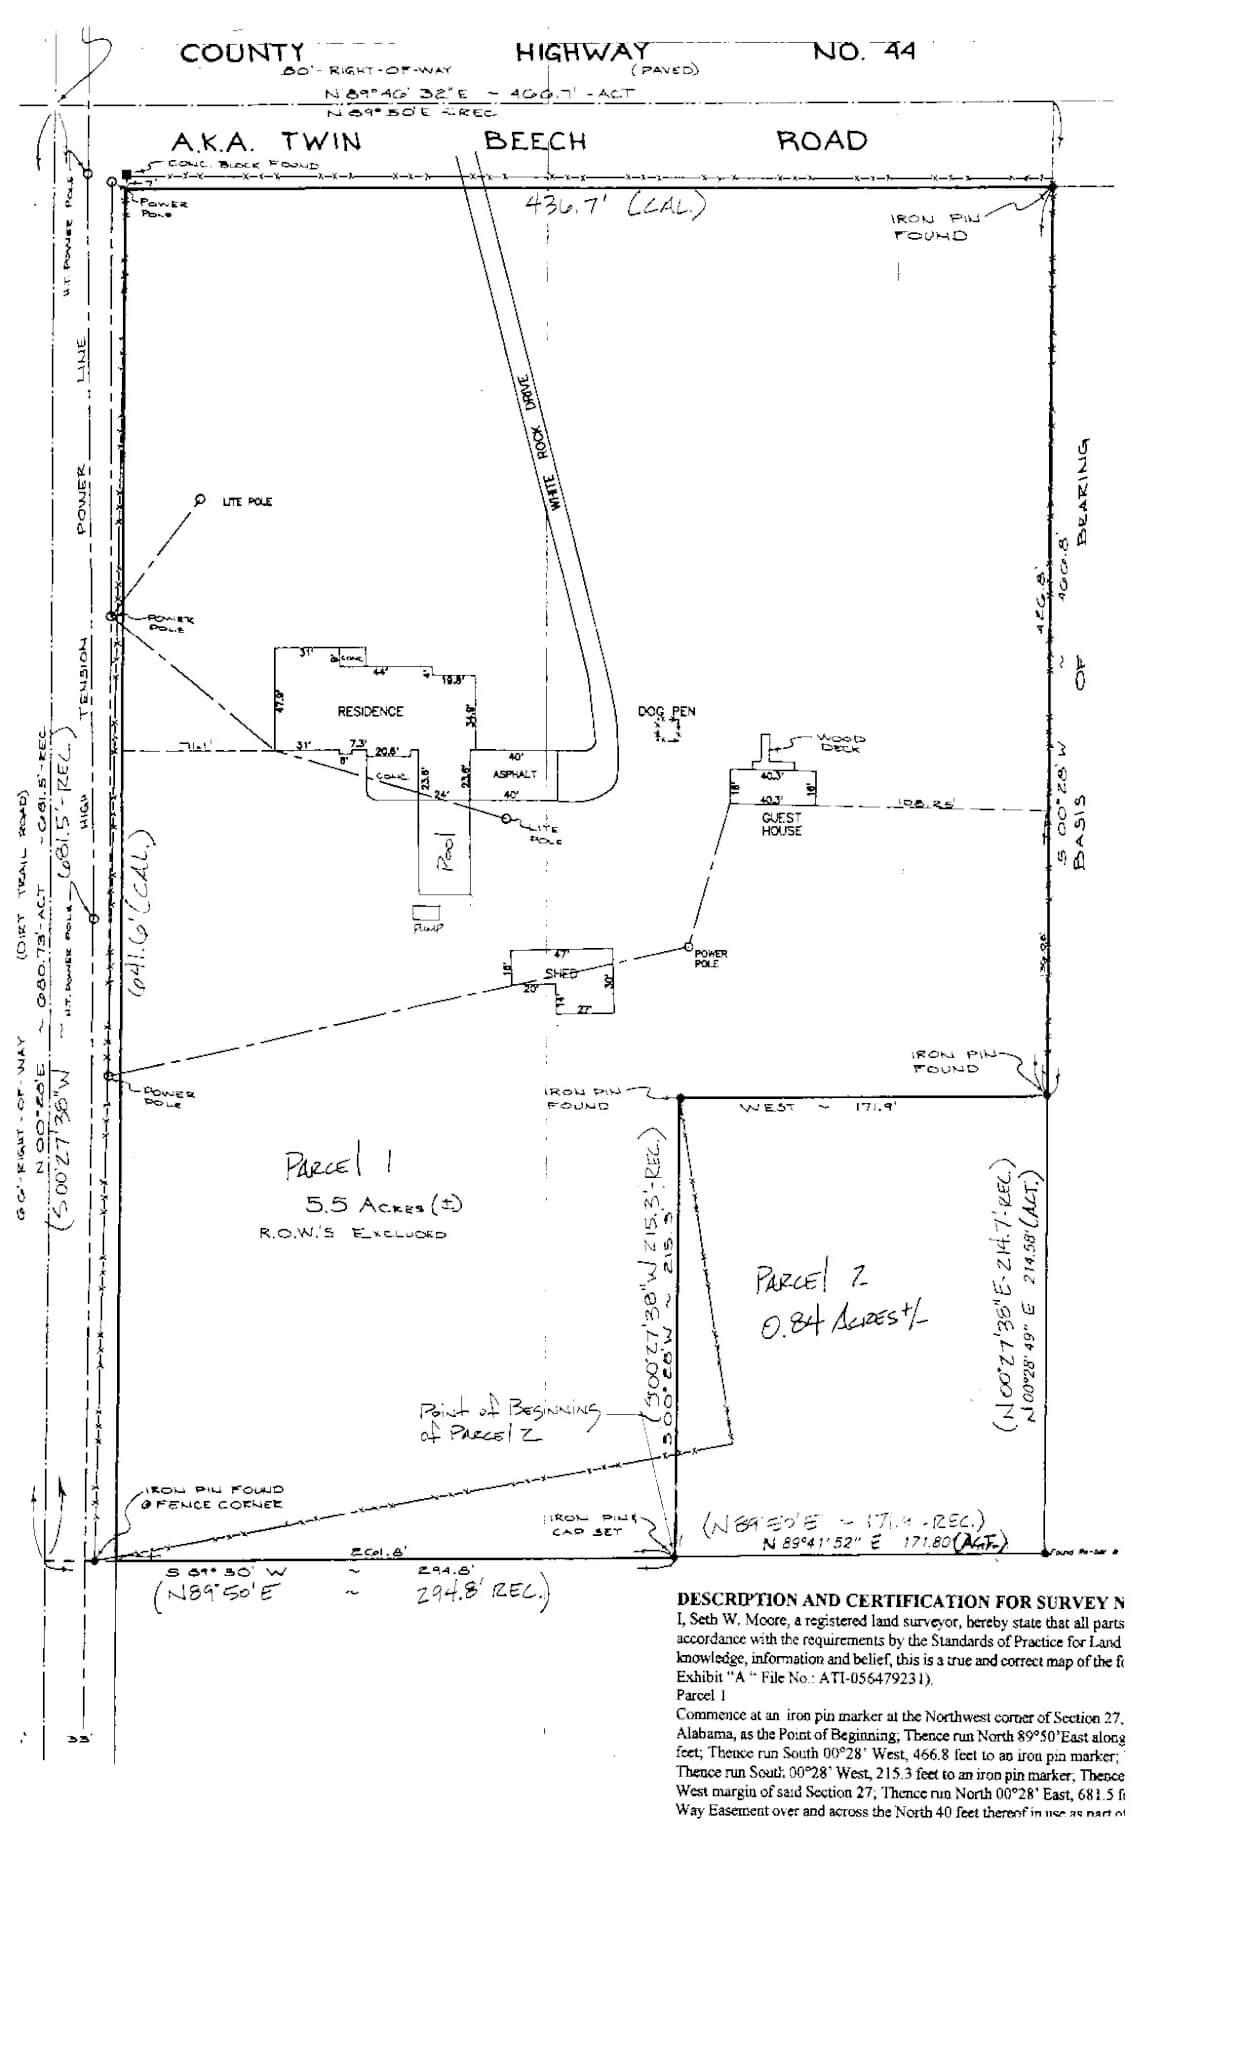 9072 Twin Beech Road Fairhope, AL Survey